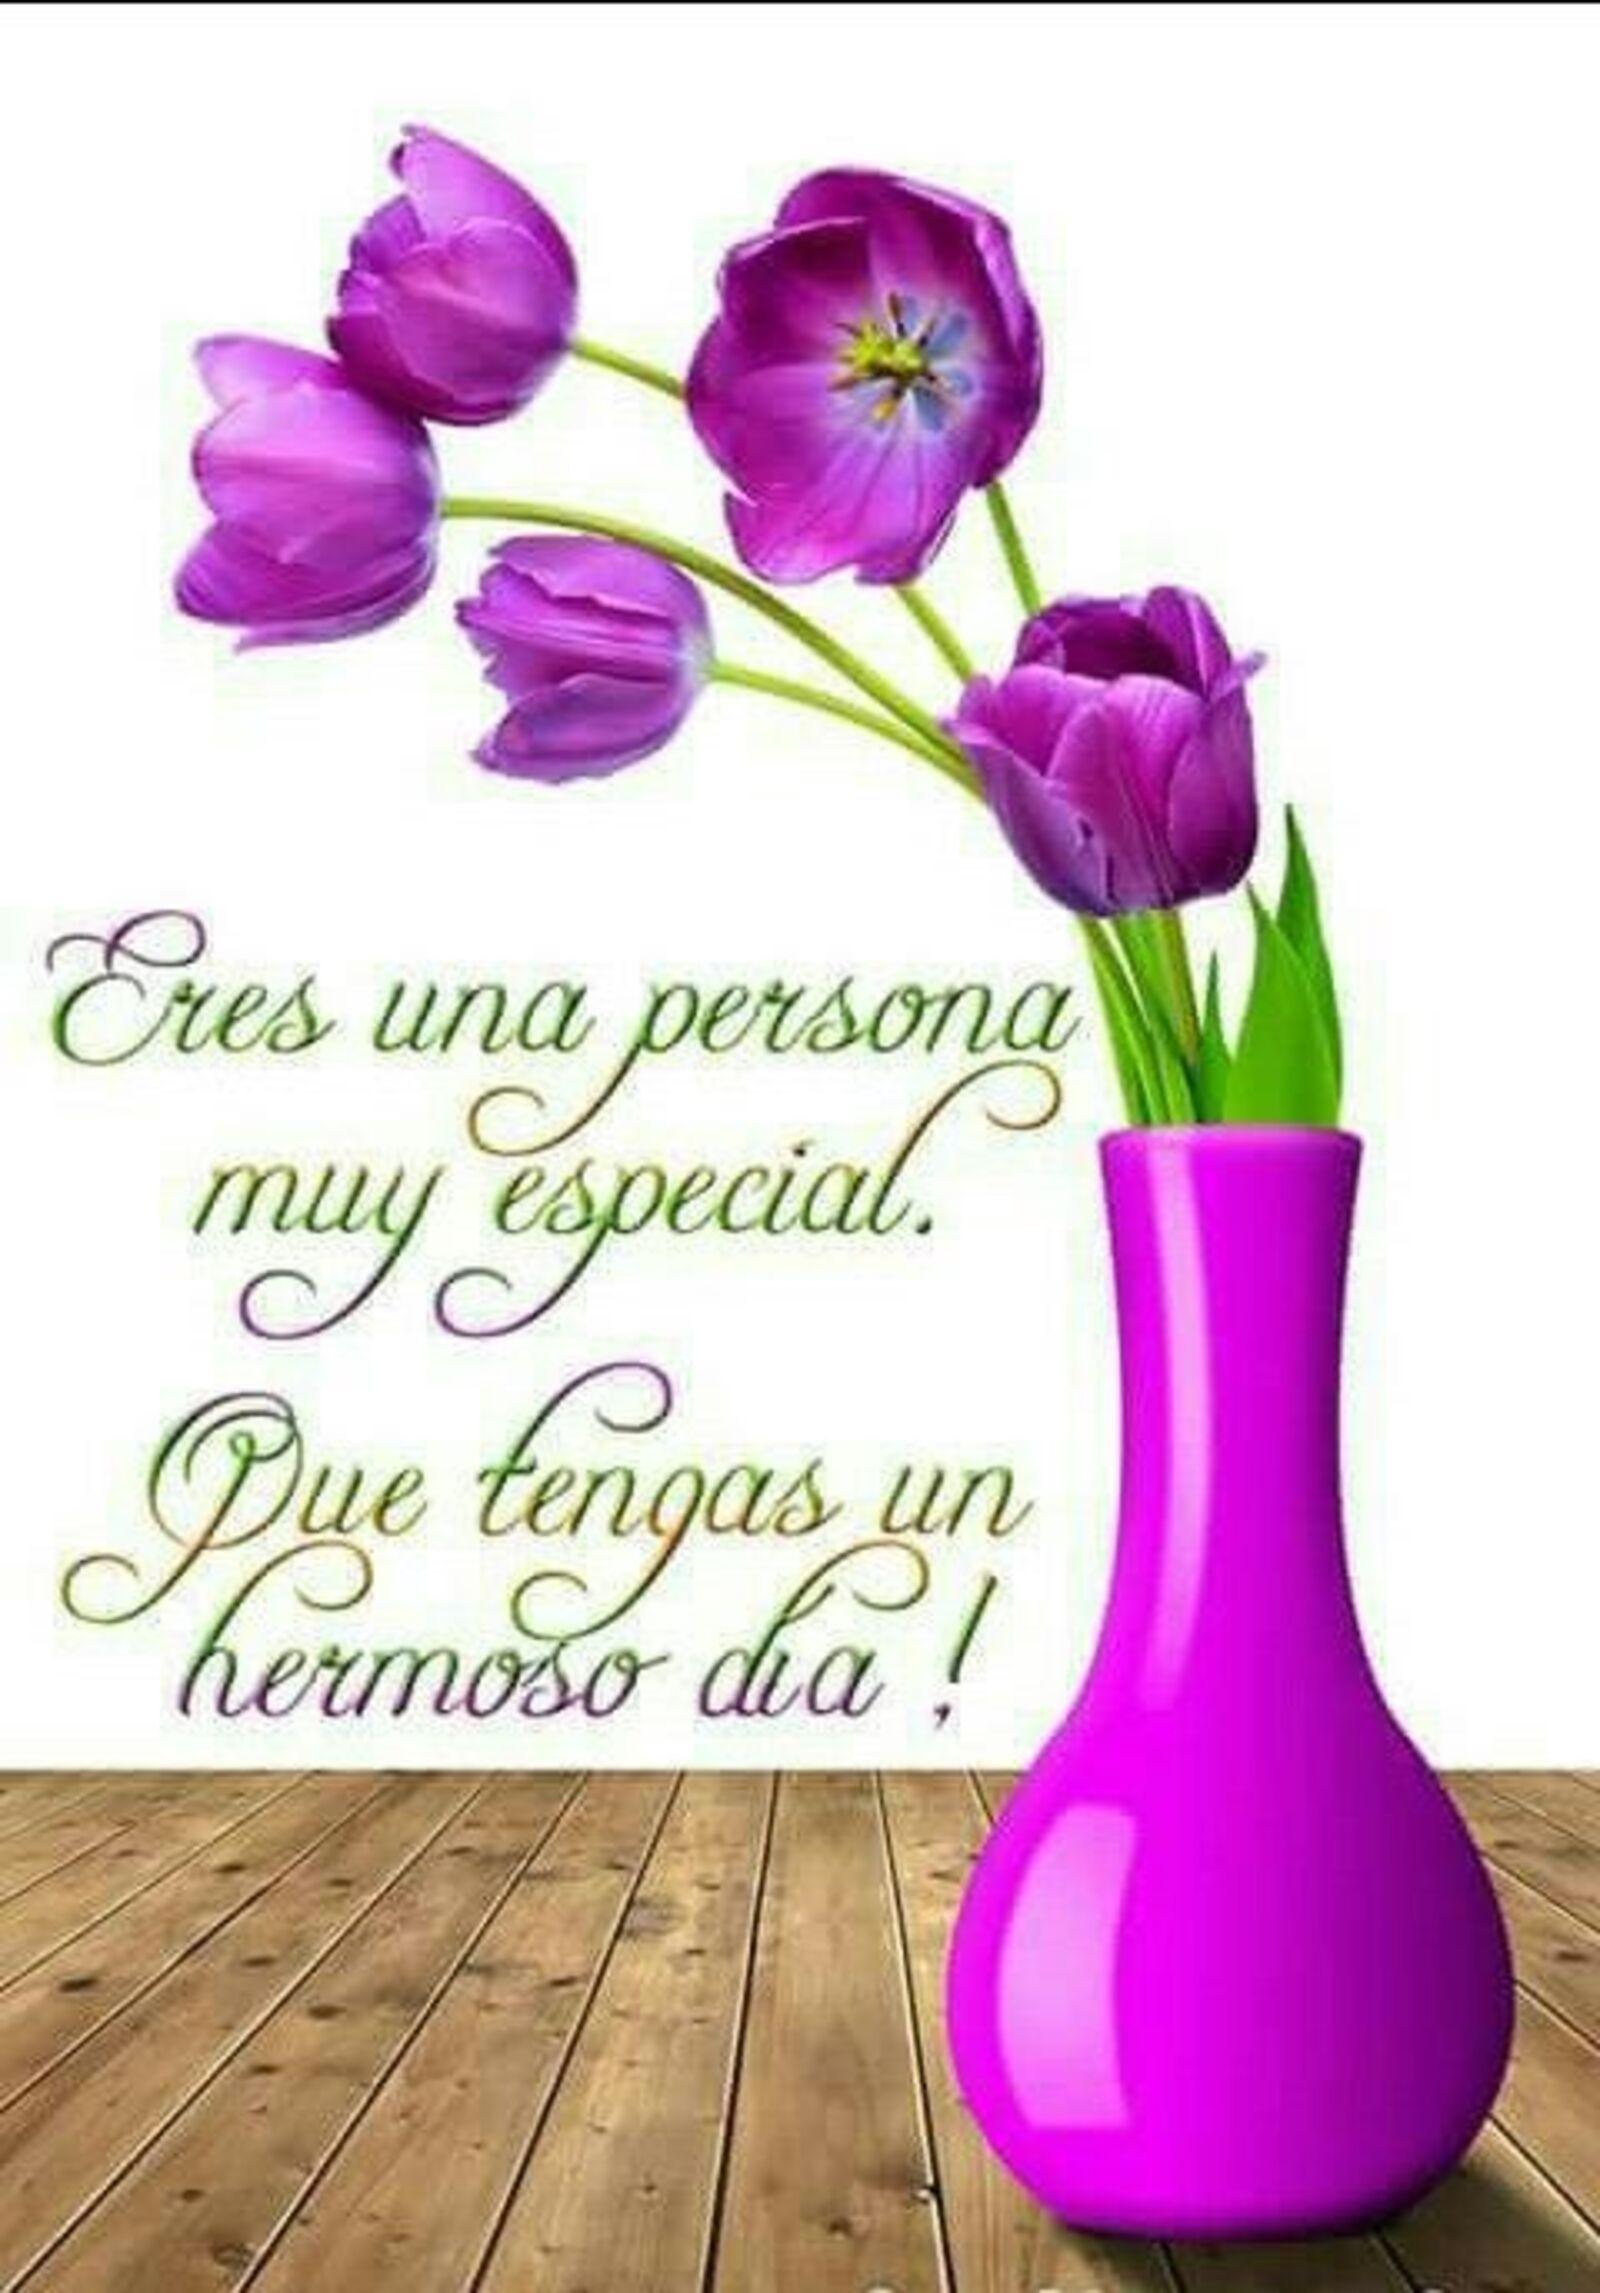 Eres una persona muy especial. Que tengas un hermoso día